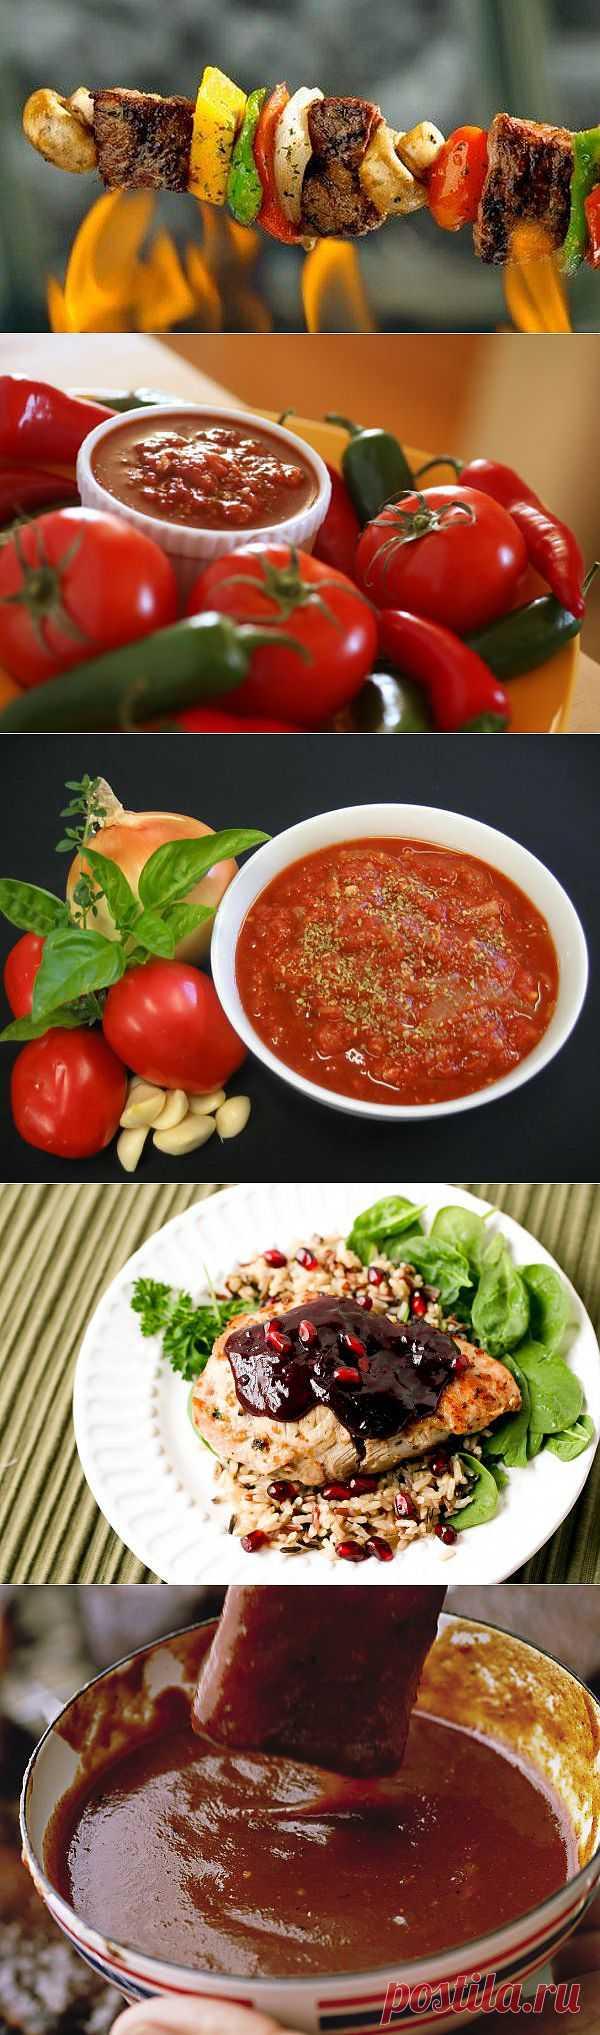 Пять самых вкусных соусов для шашлыка. LiveInternet.